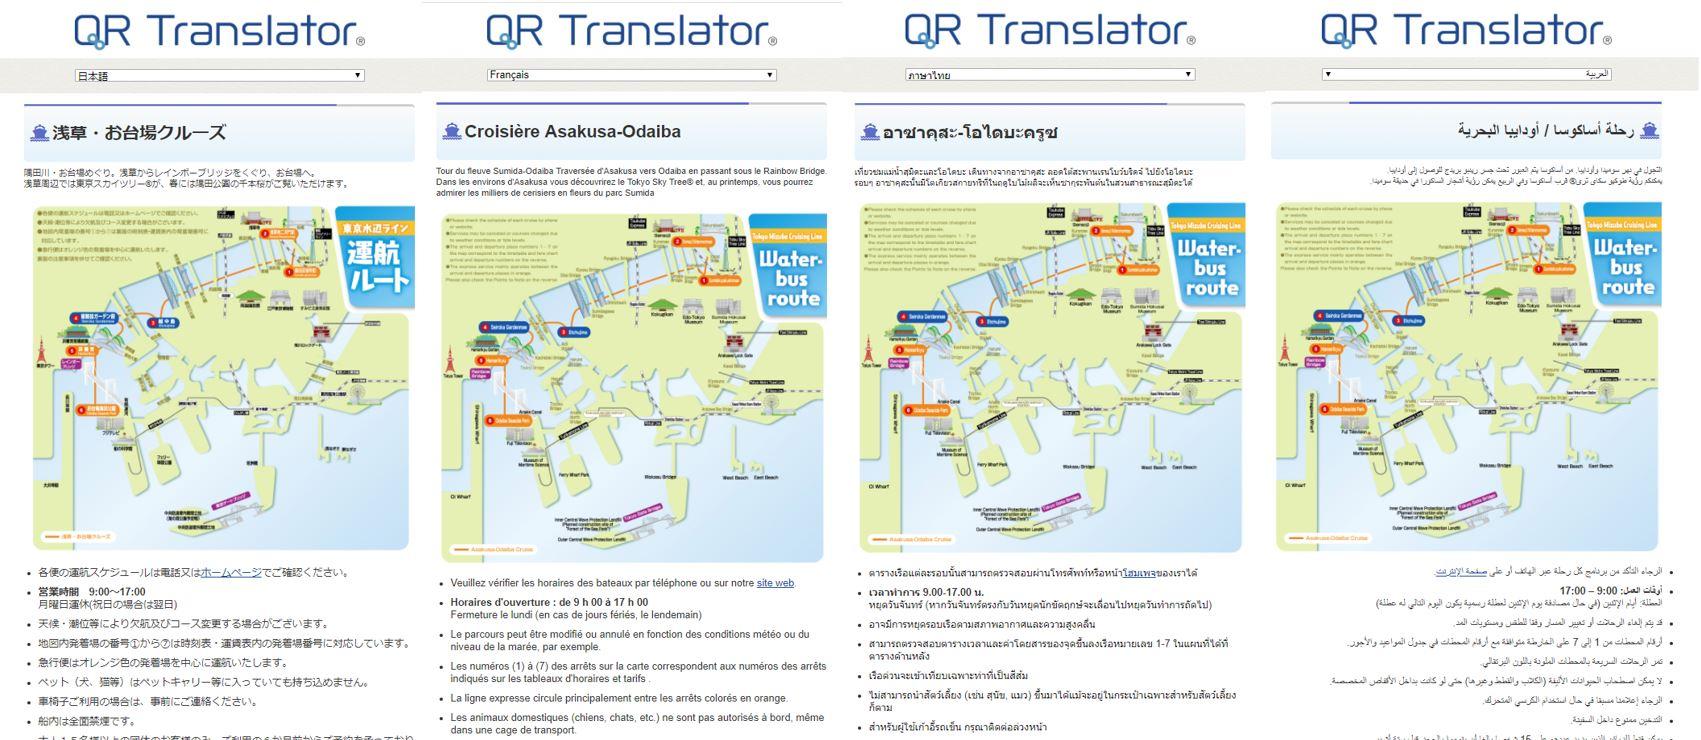 水辺ライン QRT QR Translator 多言語サイト